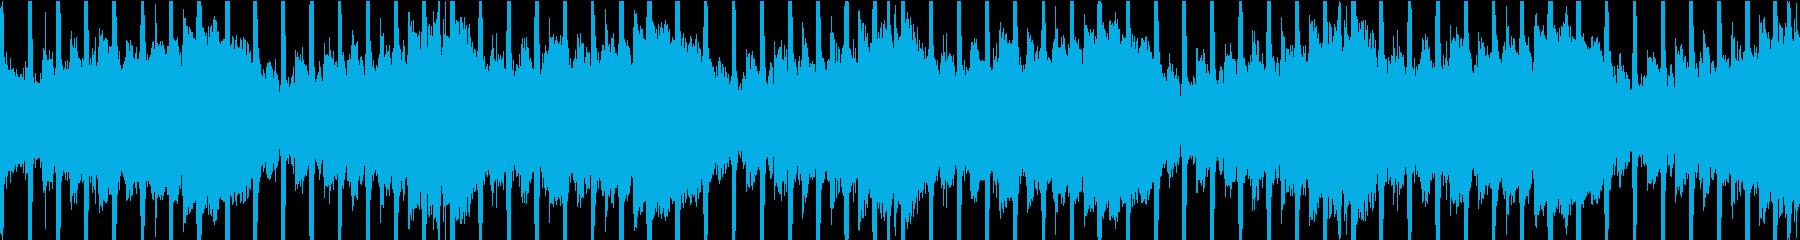 幻想的な四つ打ち曲ループ仕様の再生済みの波形